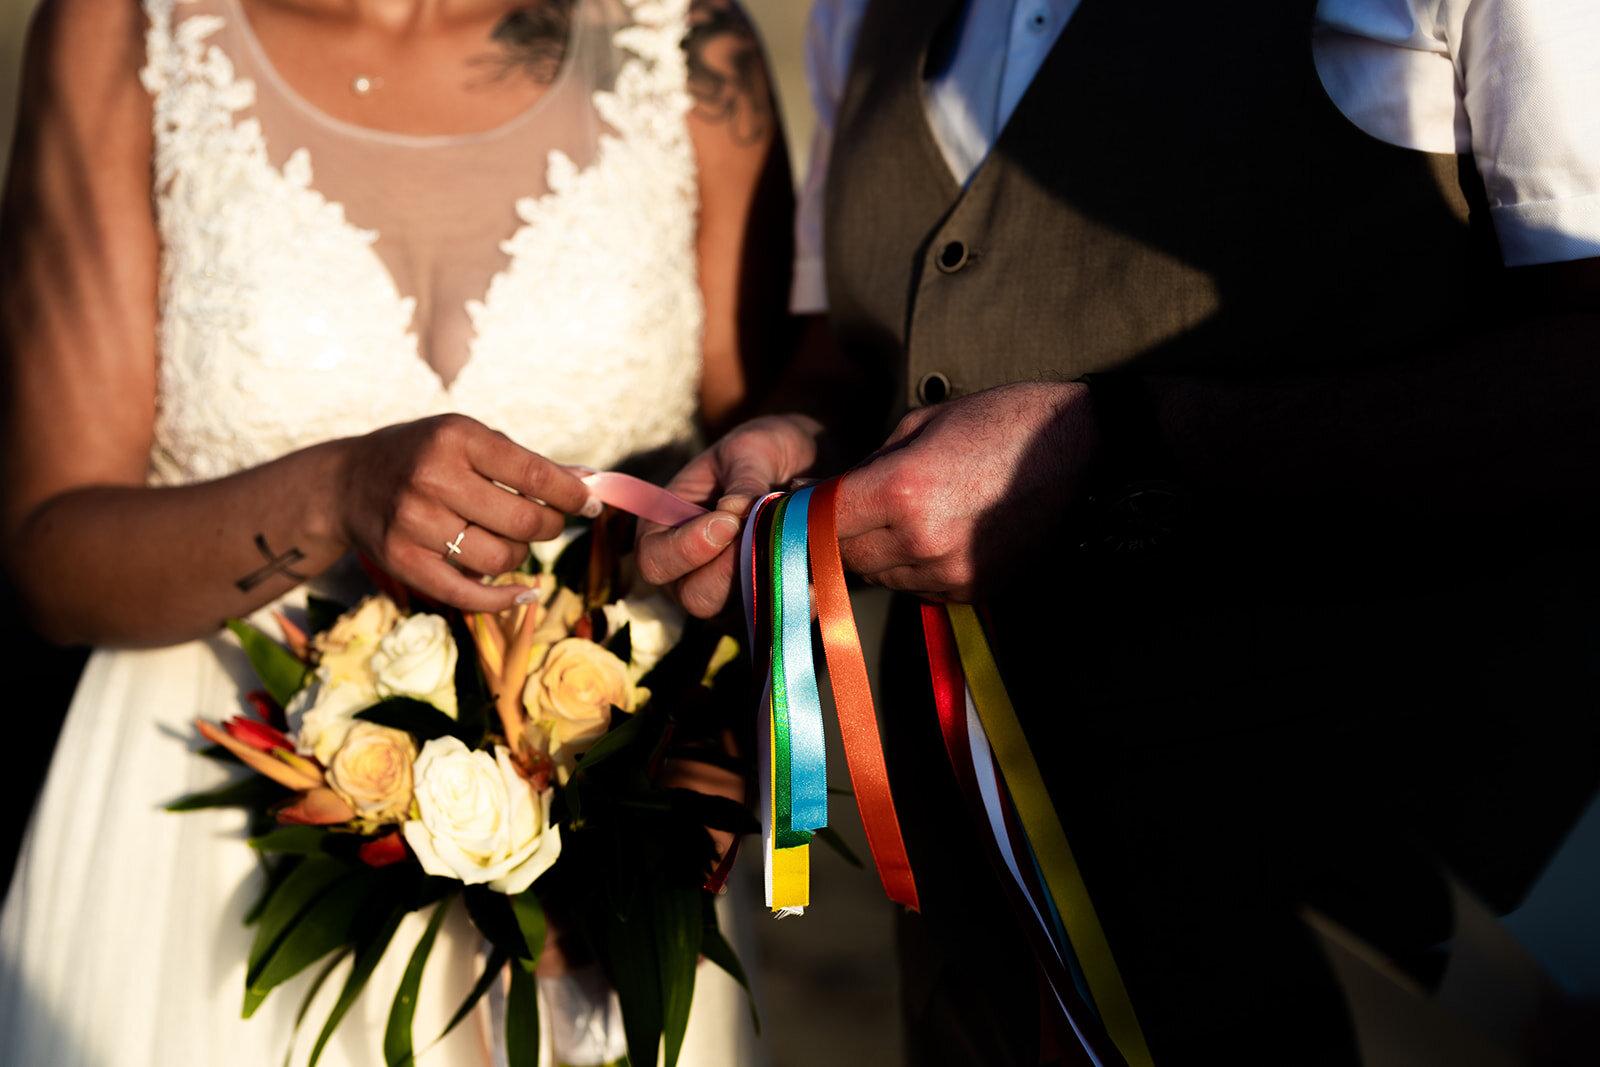 Organisation renouvellement des voeux A et S _ MRevenement wedding planner à la Réunion (23).jpg